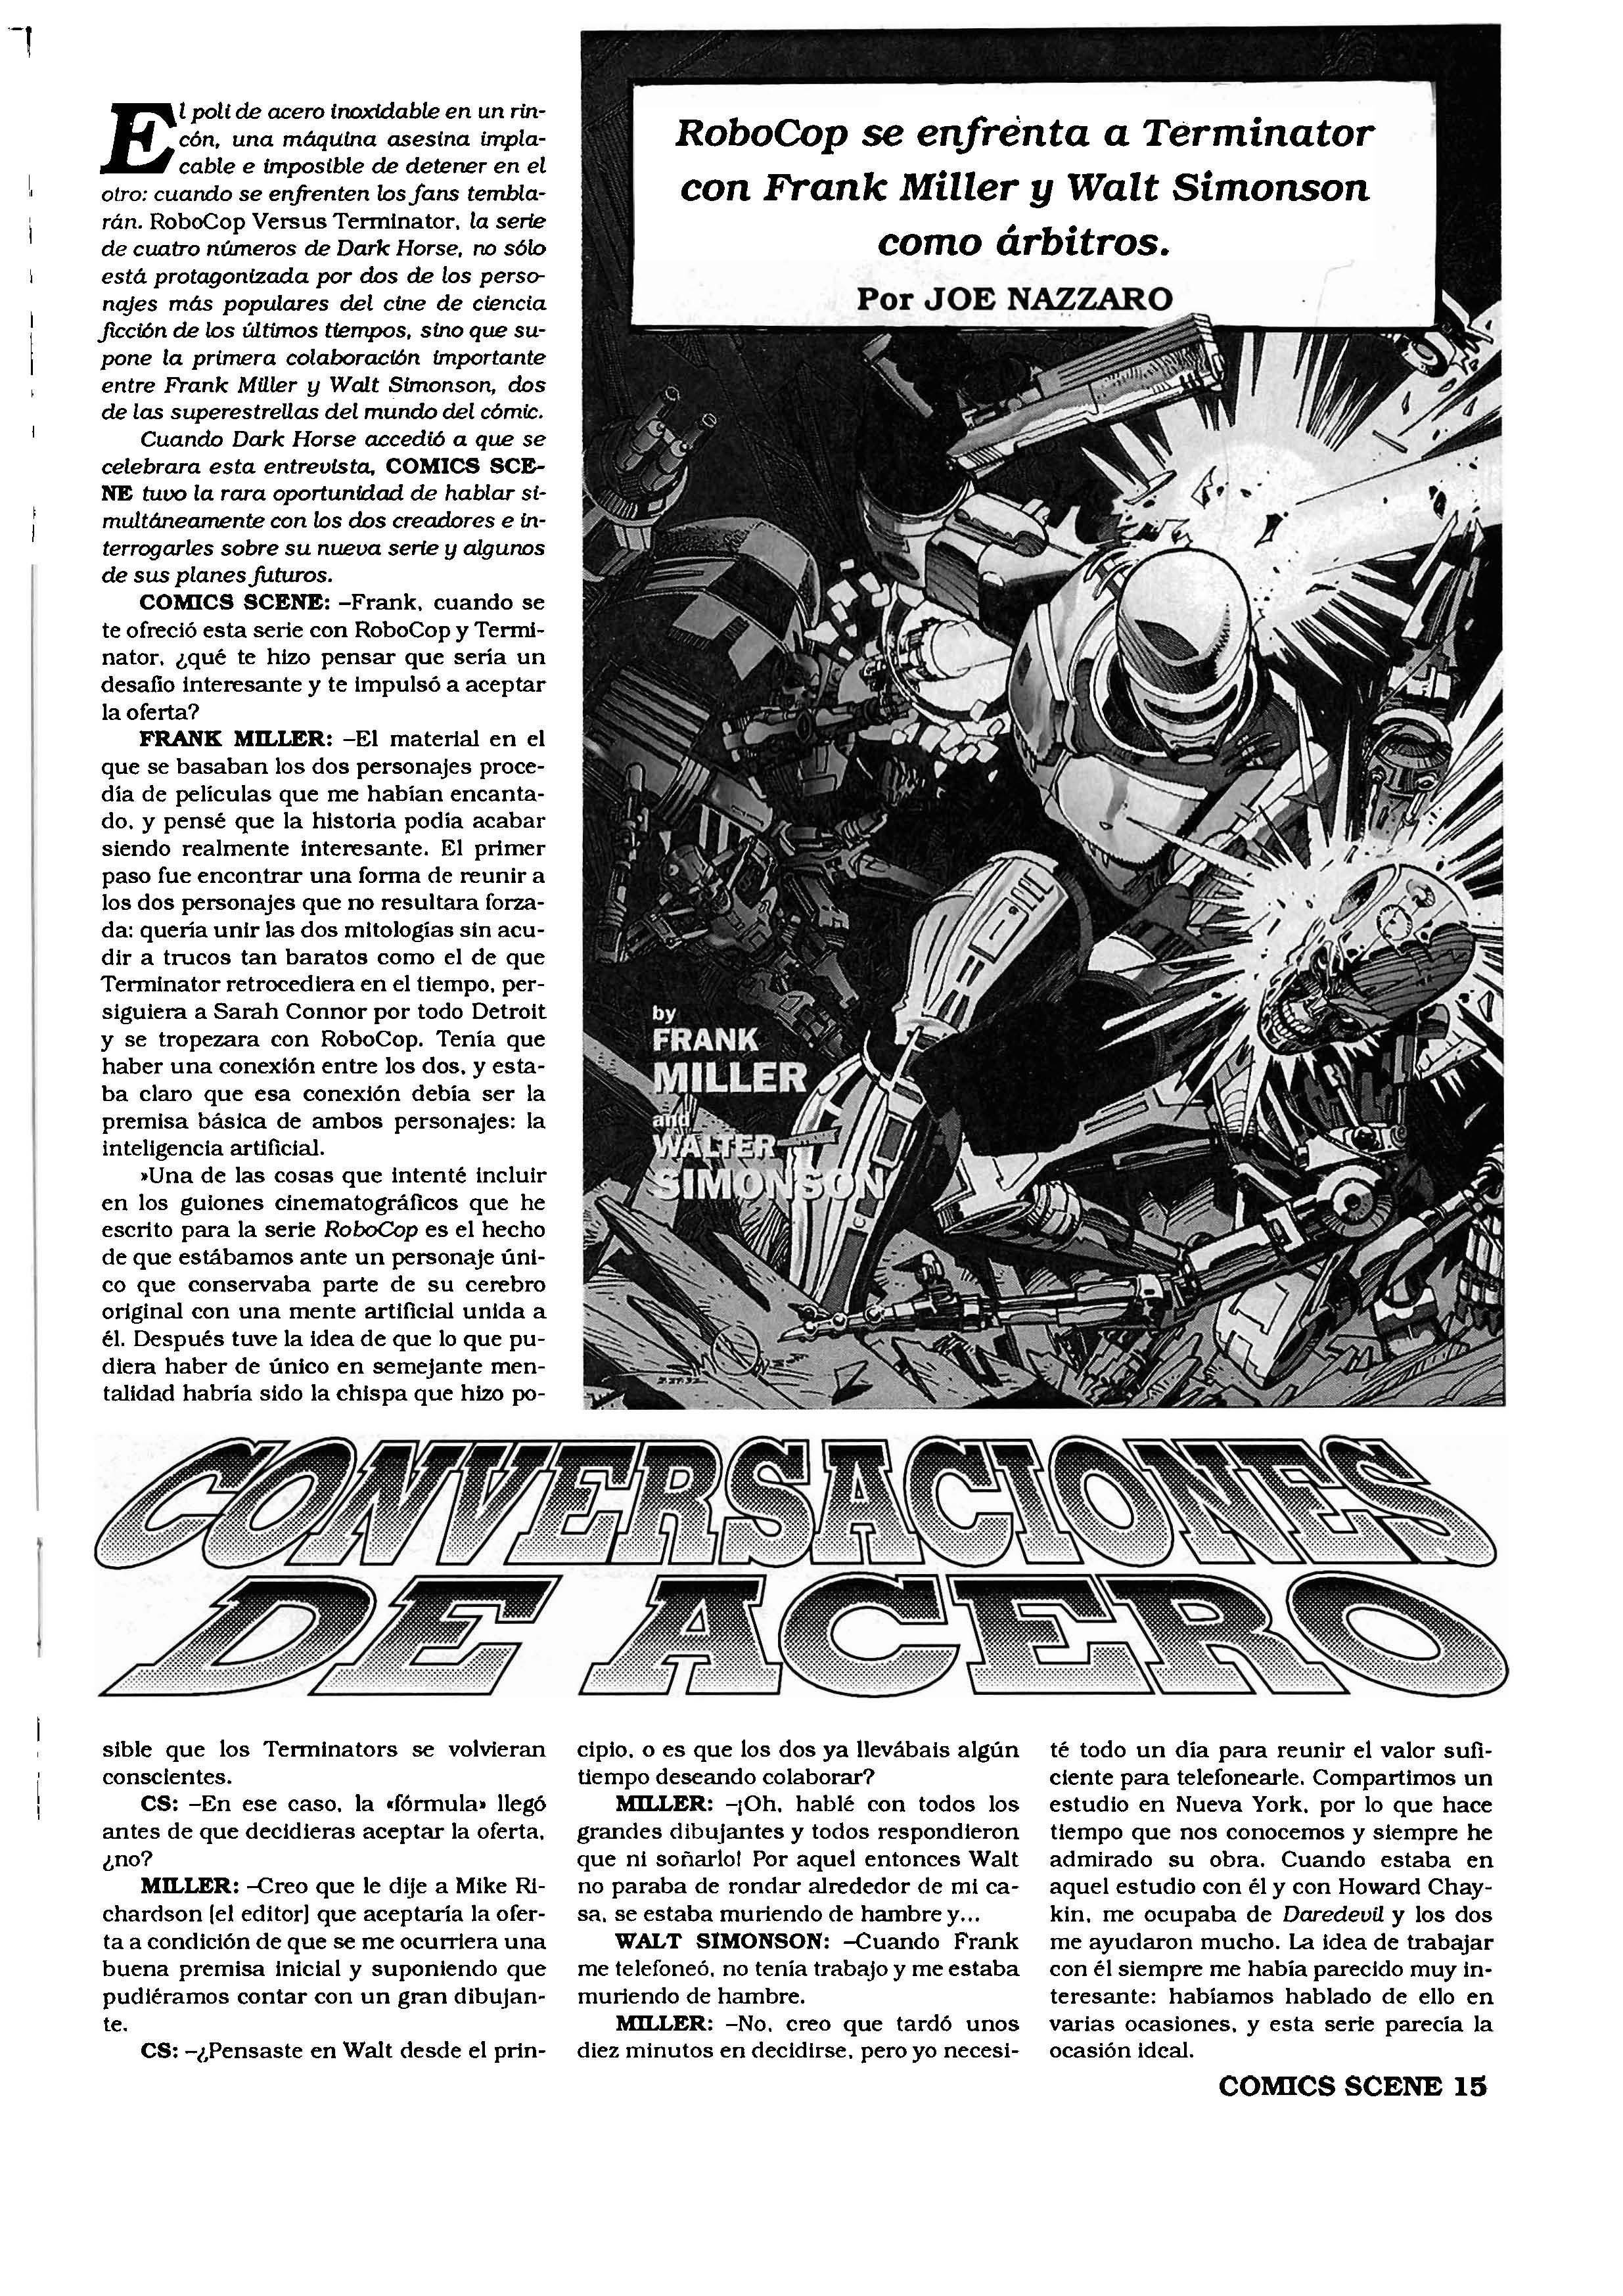 RoboCop versus Terminator_Página_1